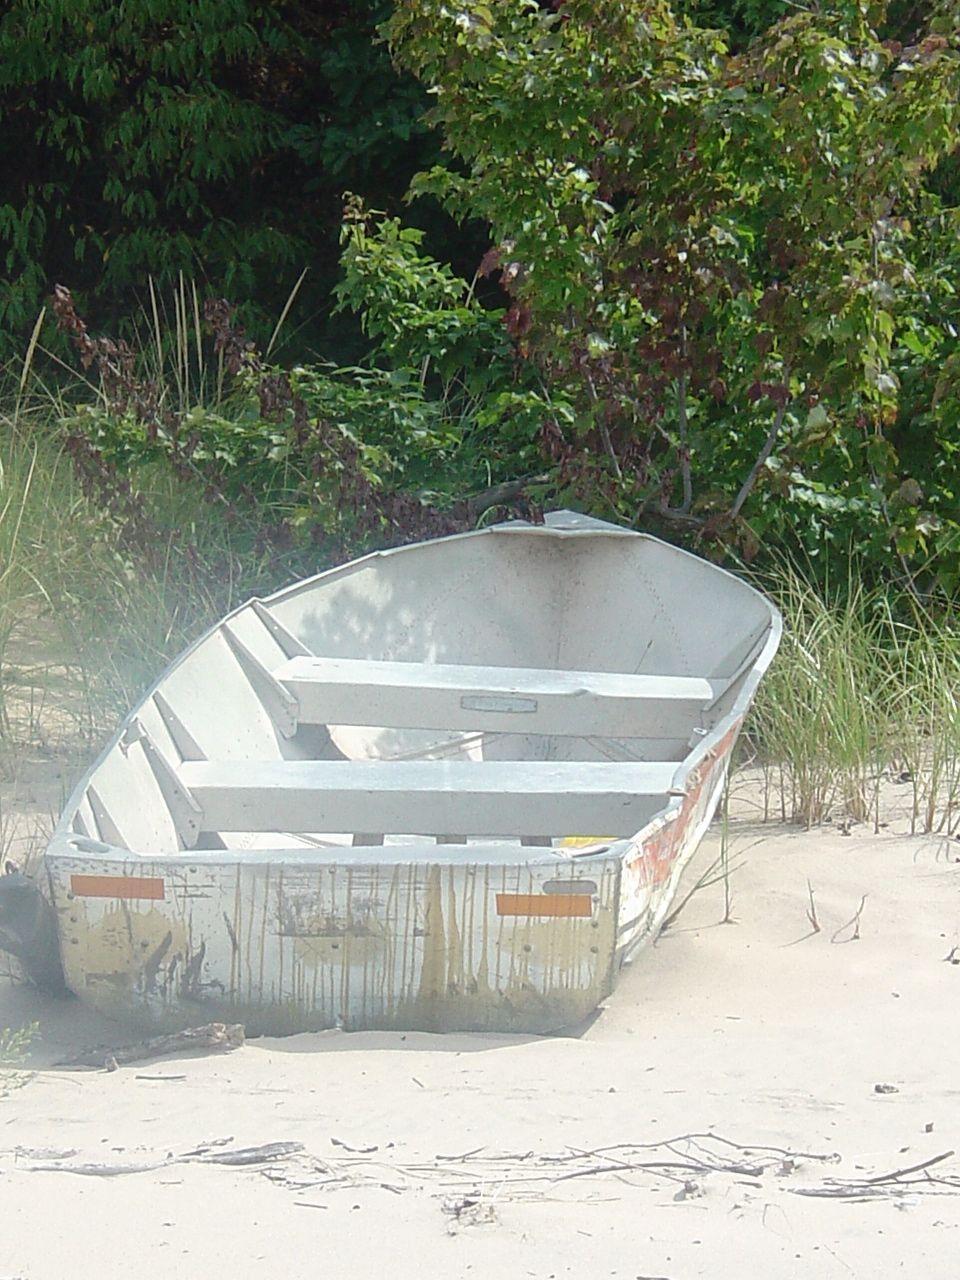 Rowboat 9-11-2004.jpg